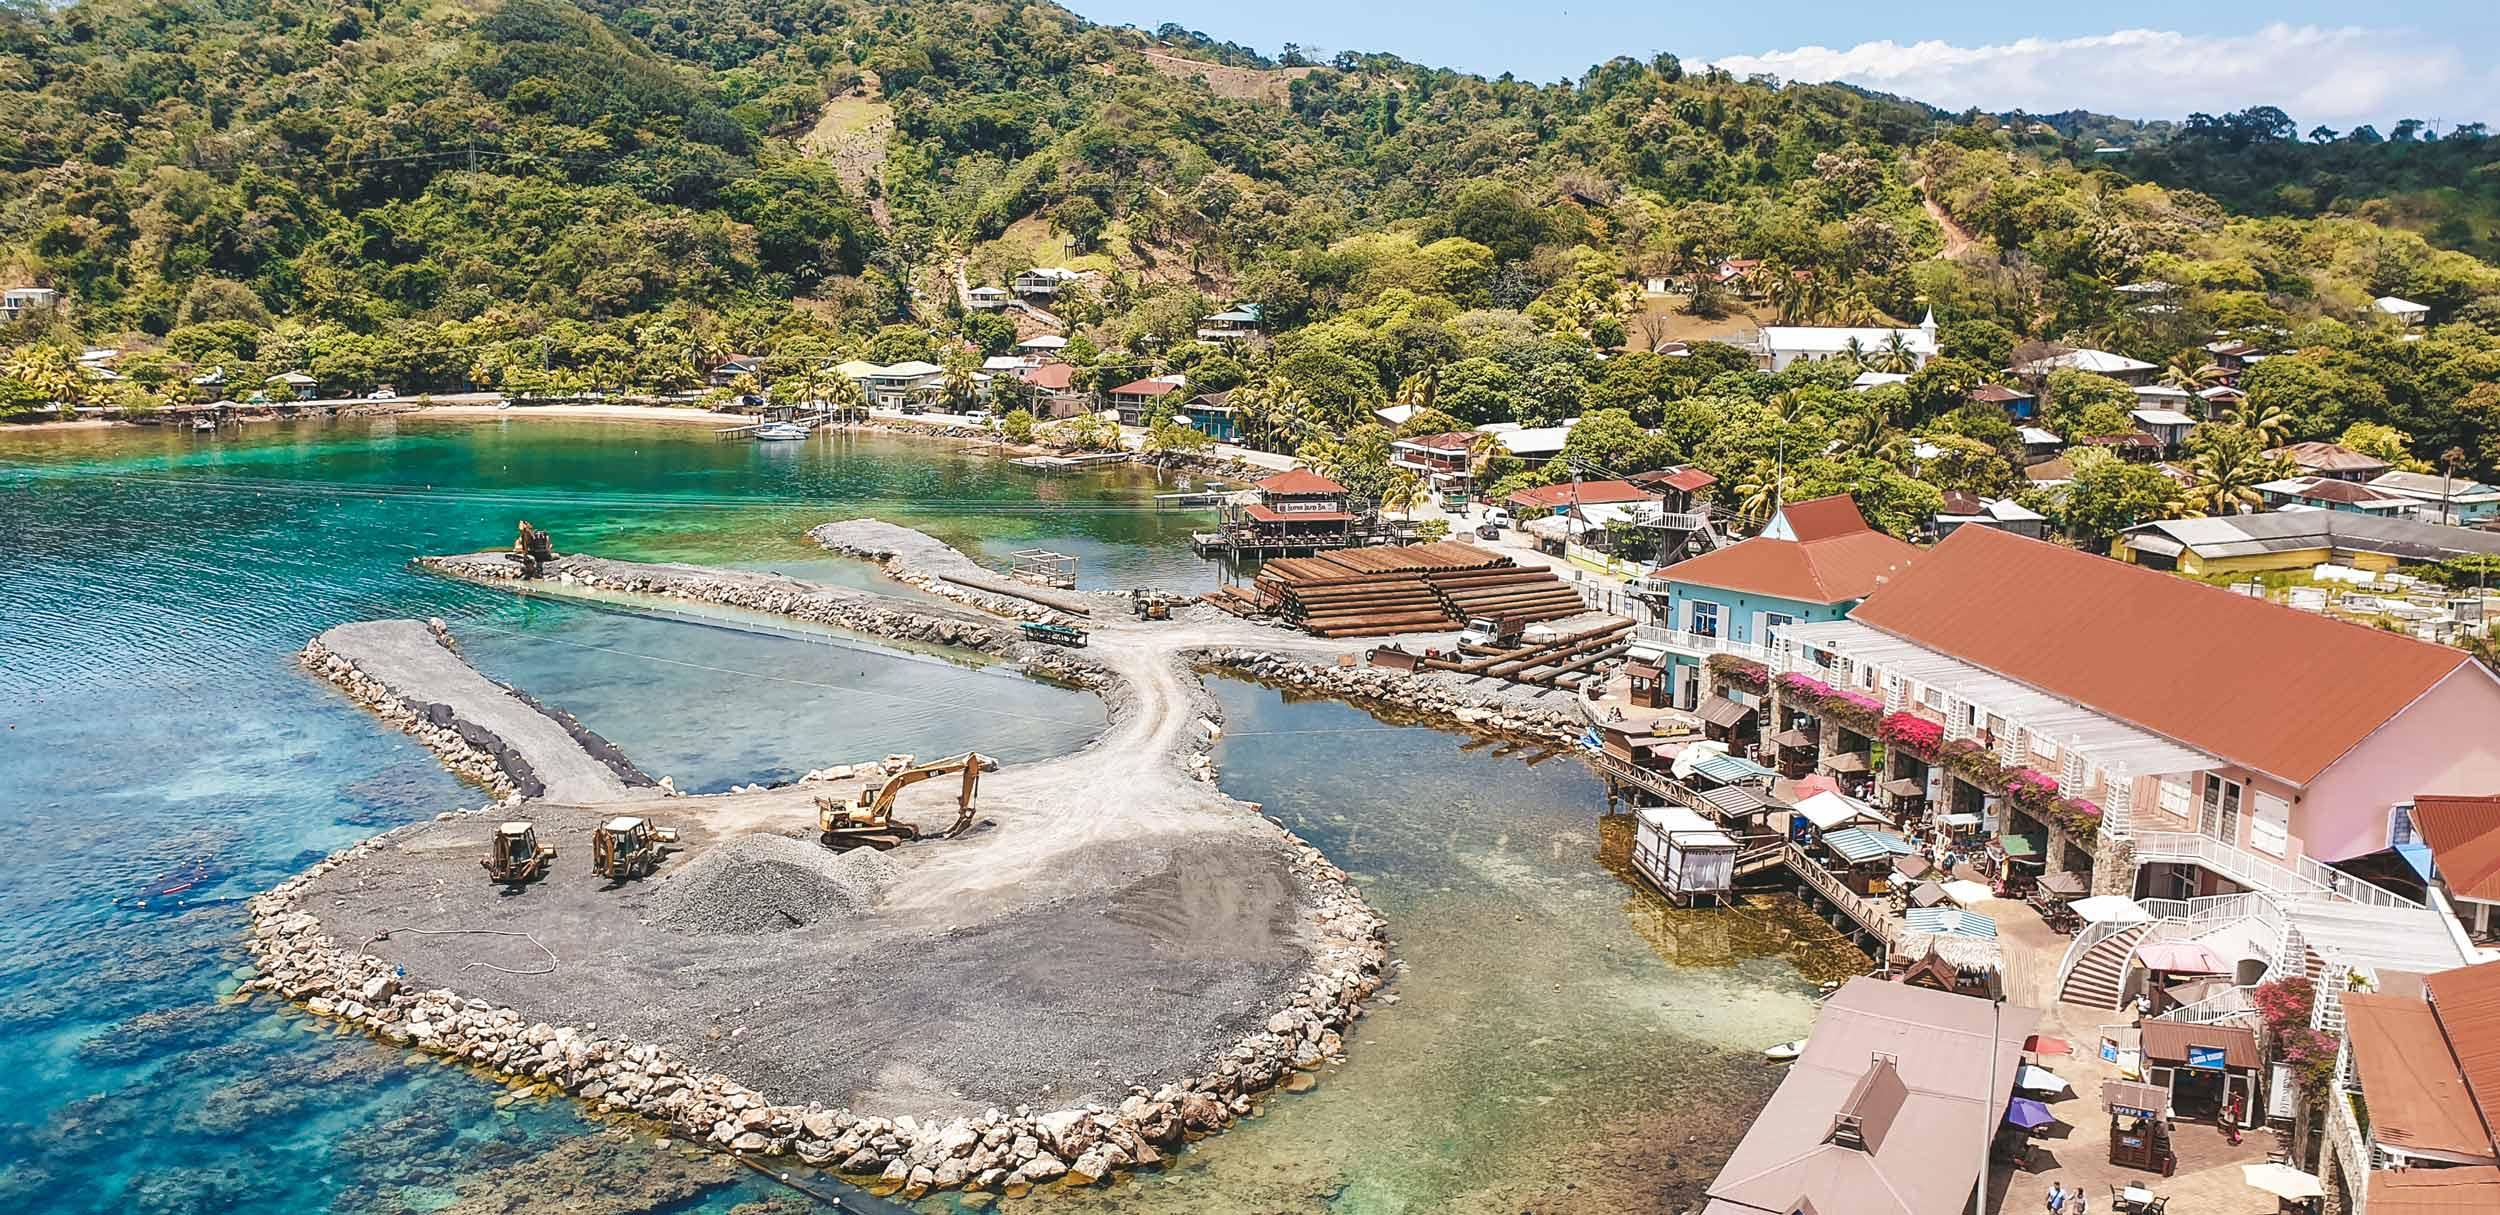 Mittelamerika-Kreuzfahrt-Roatan-Honduras-Hafen-4